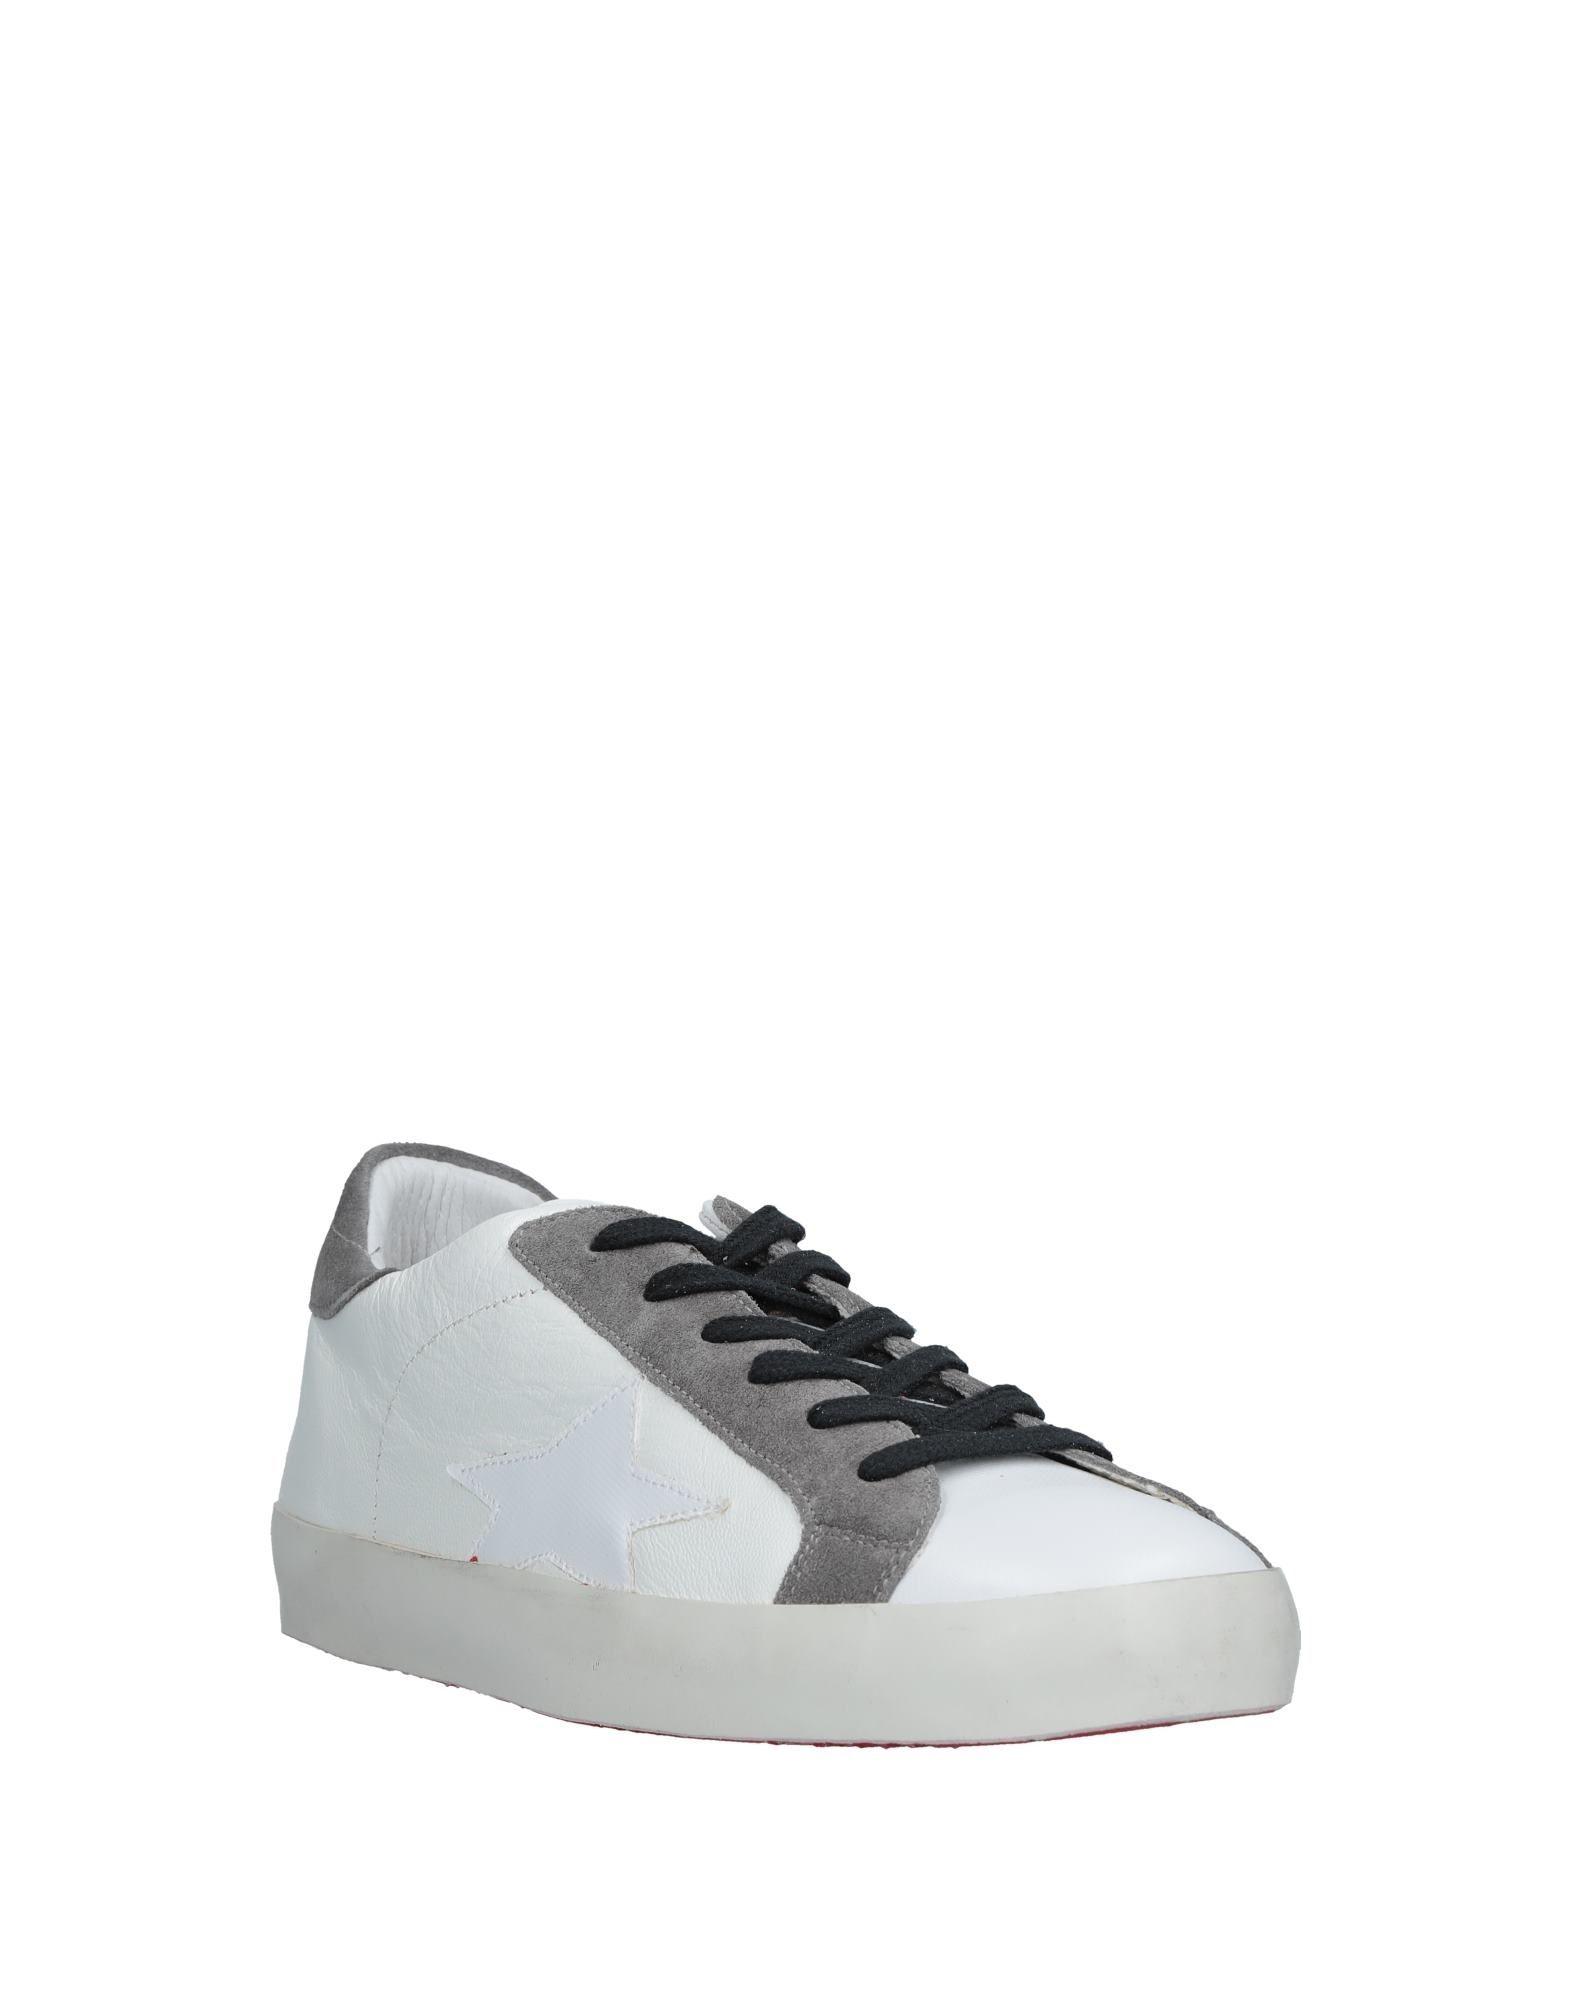 Ishikawa Heiße Sneakers Herren  11523815FR Heiße Ishikawa Schuhe c37ecf